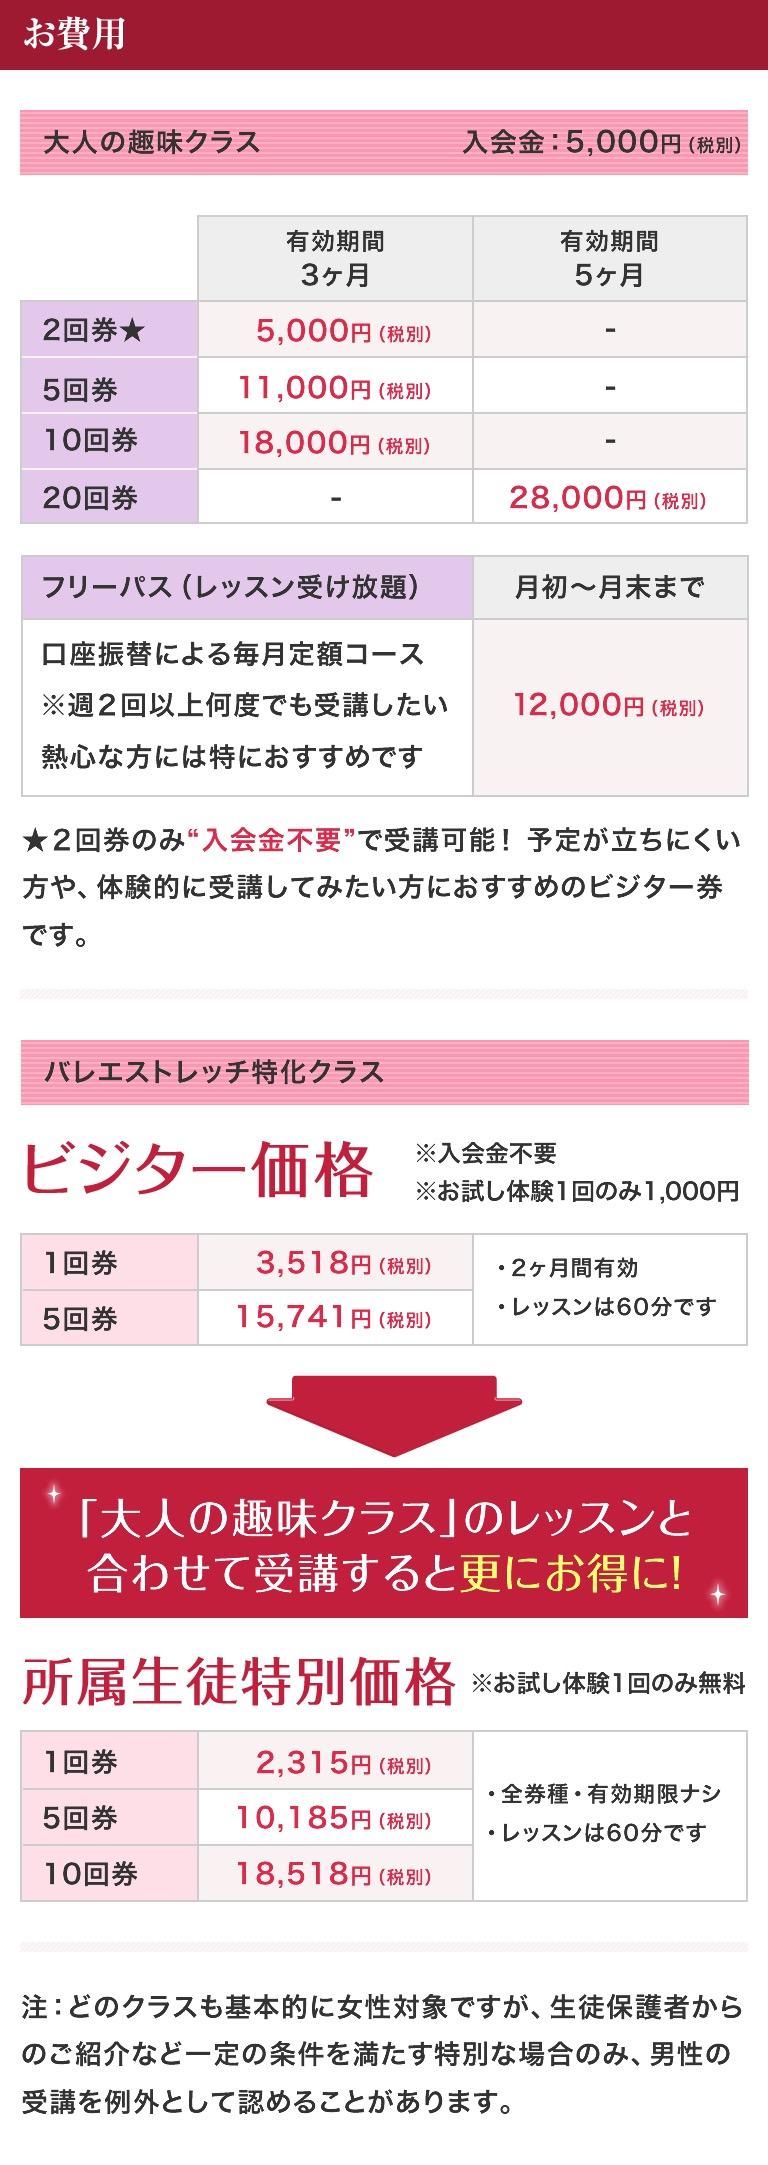 本田道子バレエスクール 料金案内